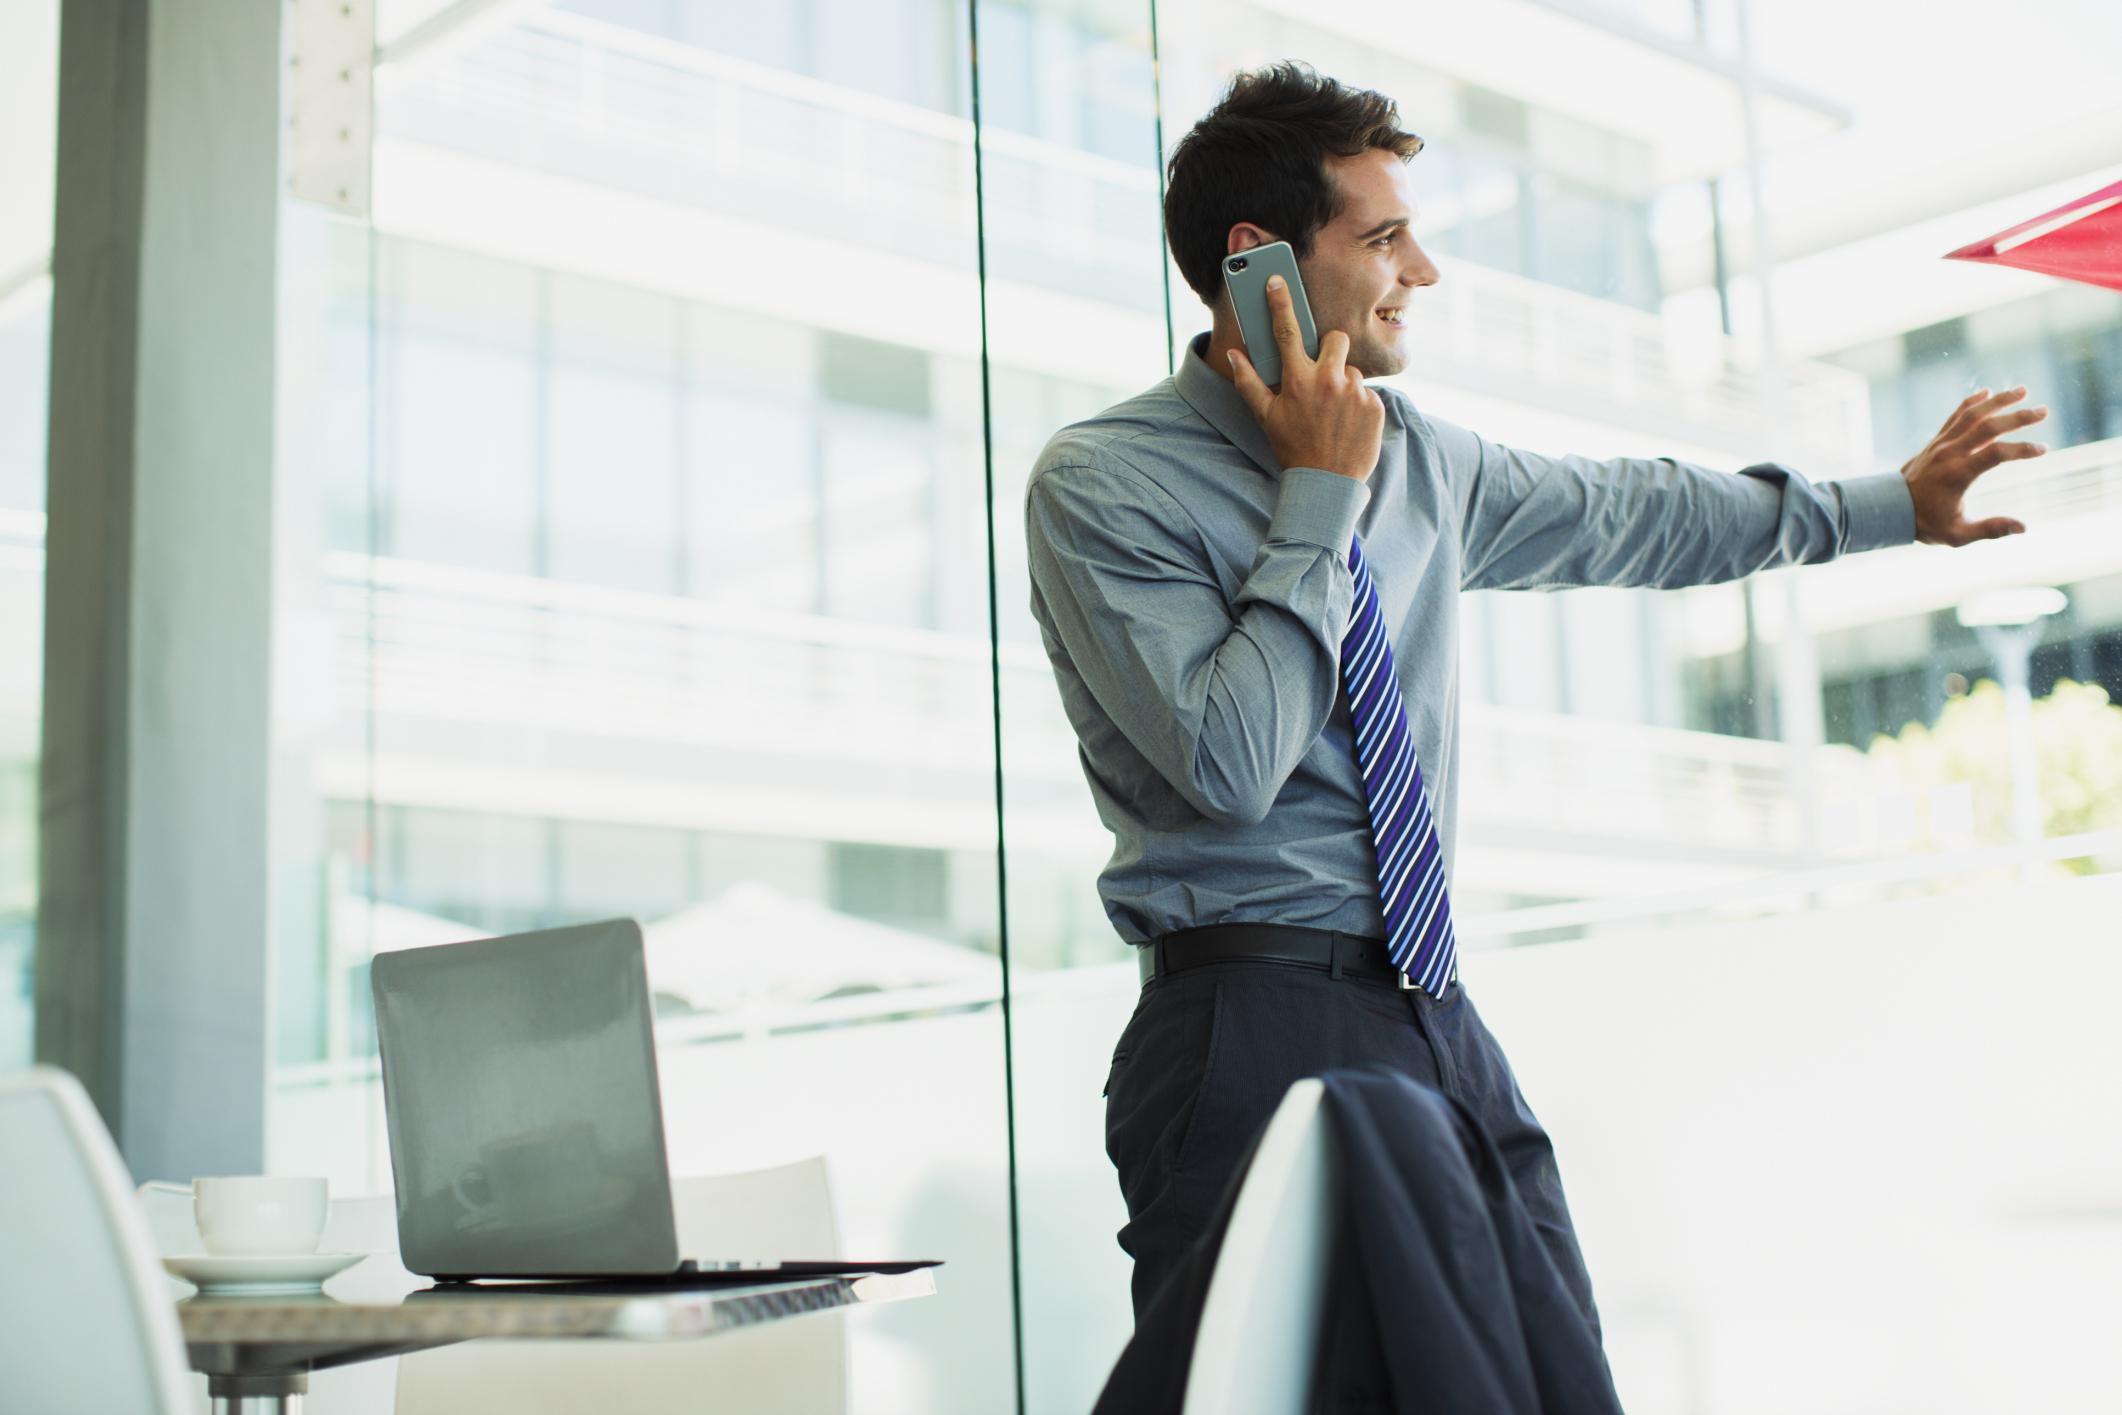 бизнесмен с телефоном картинка модель